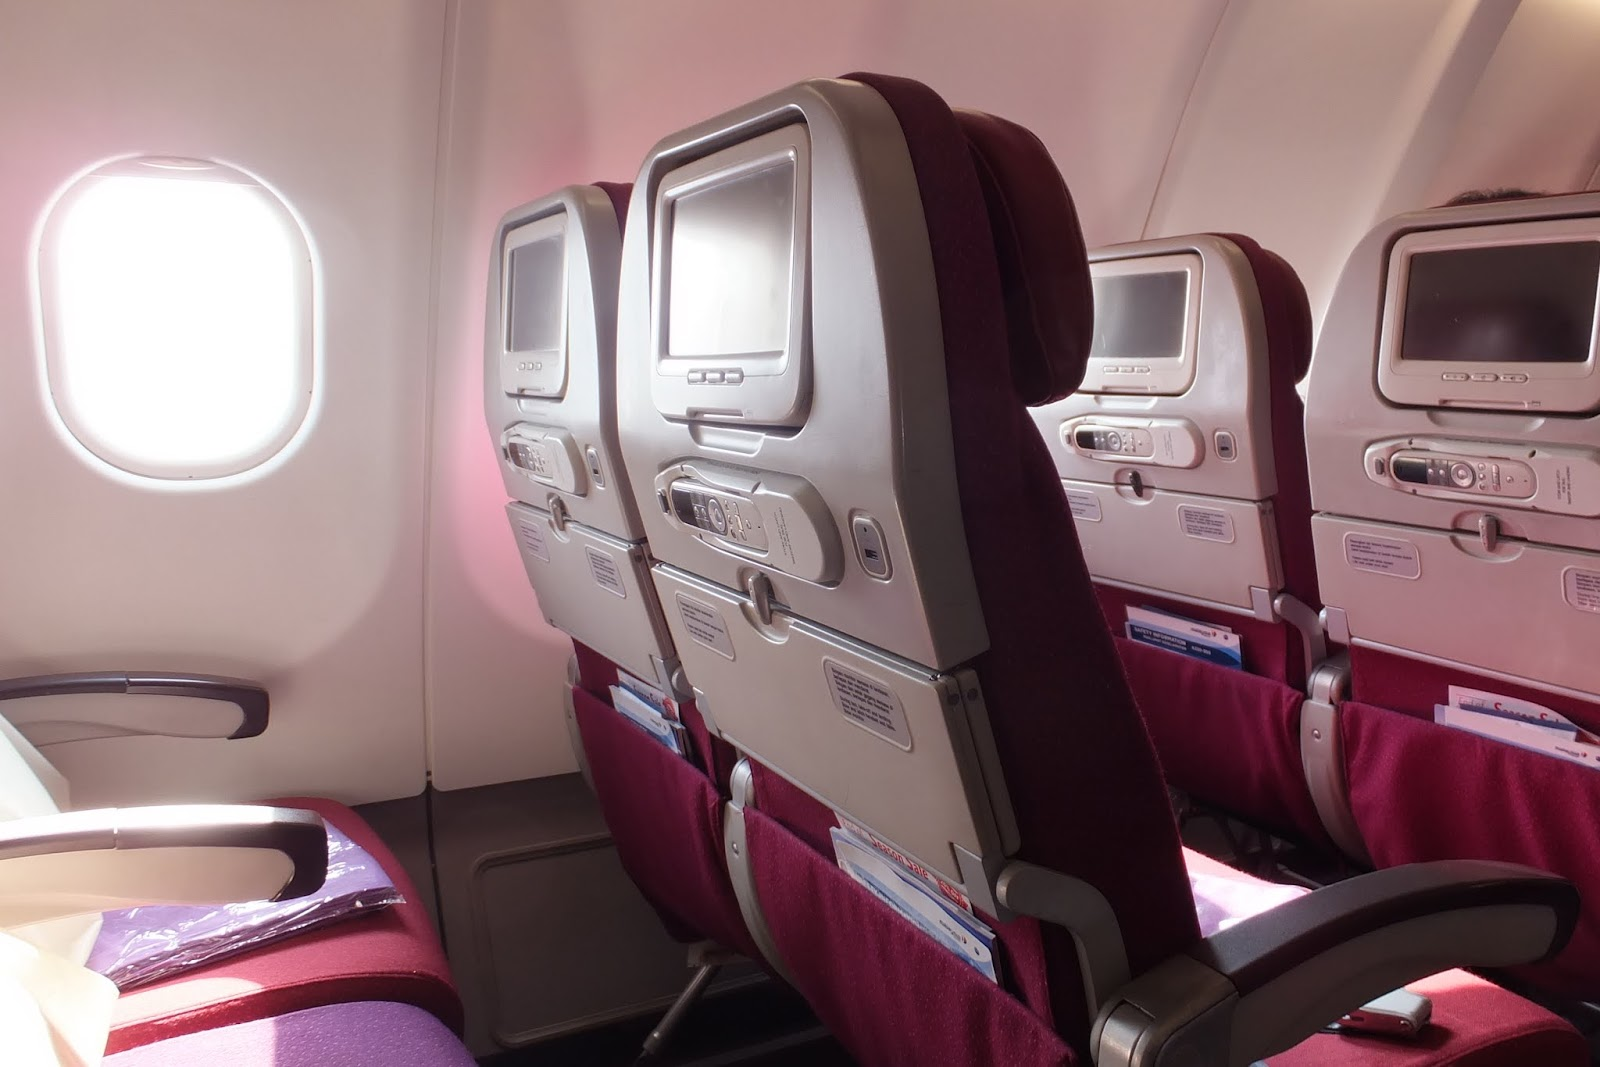 マレーシア航空エコノミー座席 malaysia-arlines-seat-window-side